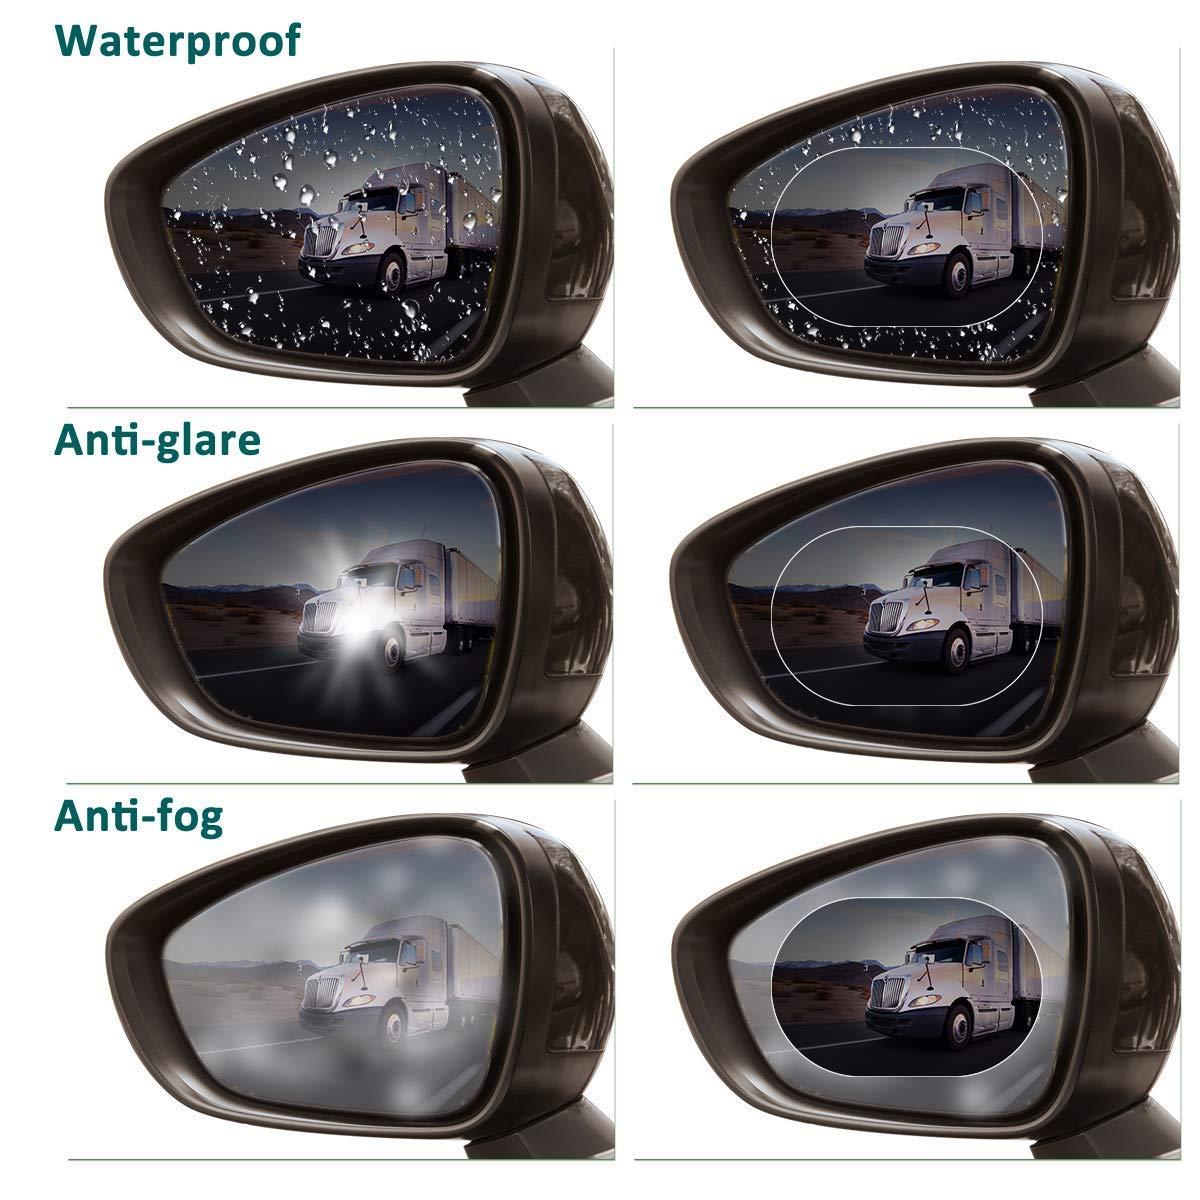 Pellicola antiriflesso per specchietto retrovisore auto 1 paio adatta a tutti i modelli di a Delaman Crystal Pellicola antipietro specchietto retrovisore impermeabile antipioggia 2 pezzi ovale